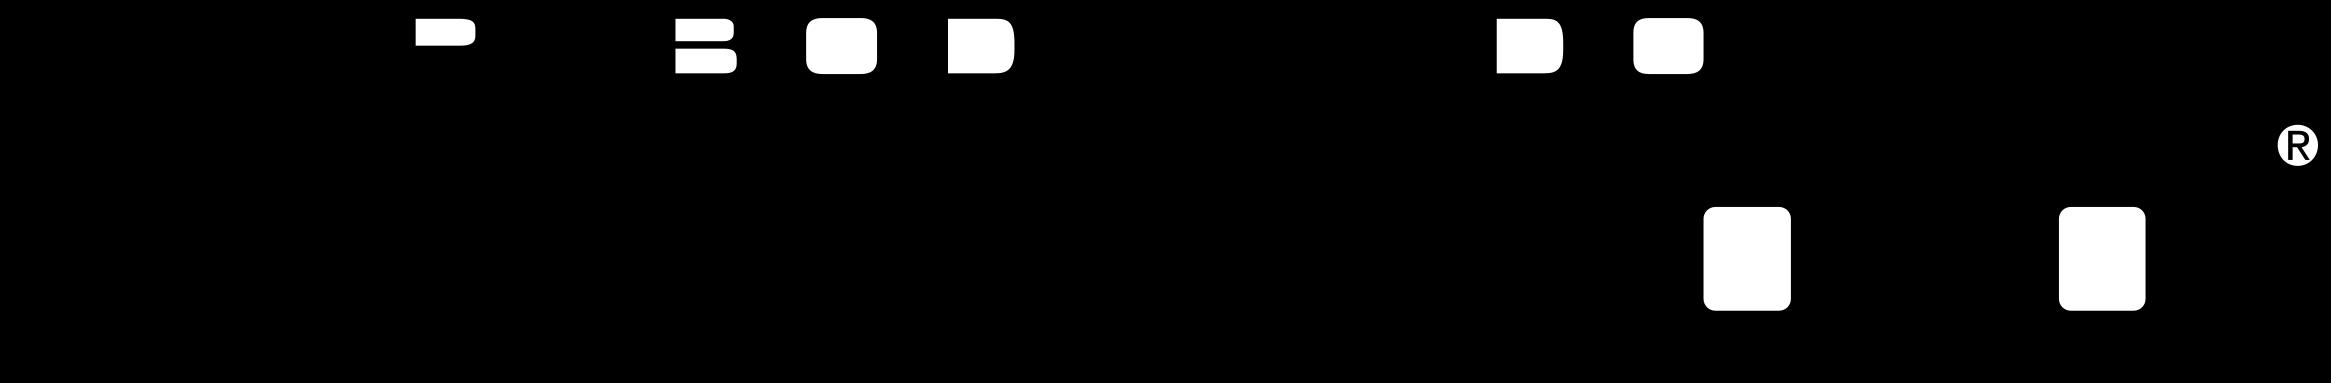 Download Sea Doo Logo Png Transparent.